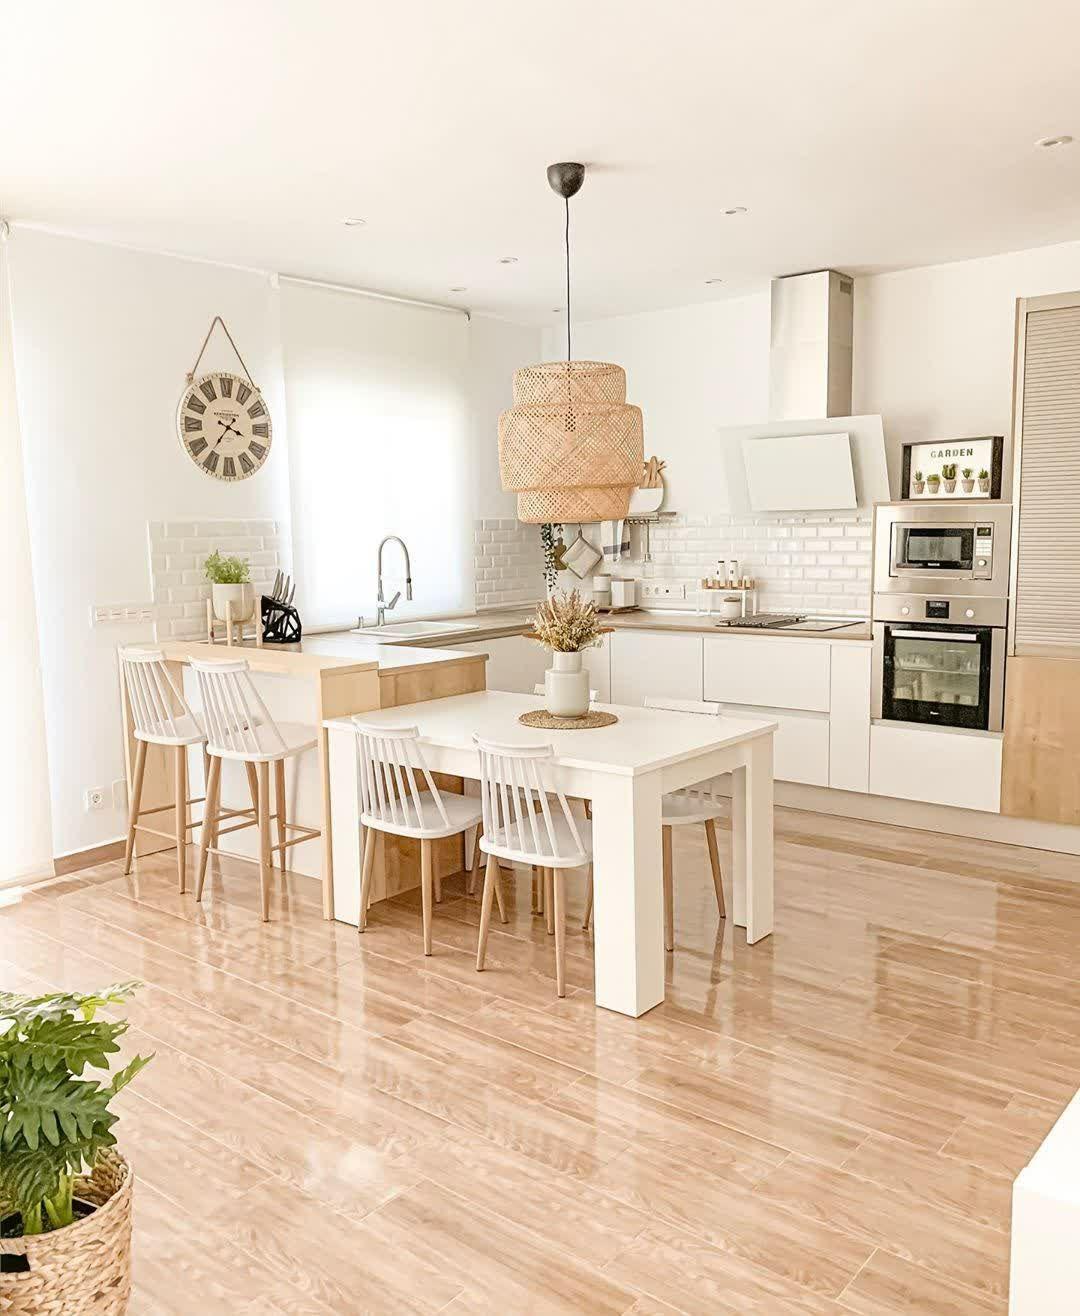 Desain Interior Dapur dan Ruang Makan yang Menyatu dengan Kombinasi Warna Putih dan Kayu Scandinavian Banget